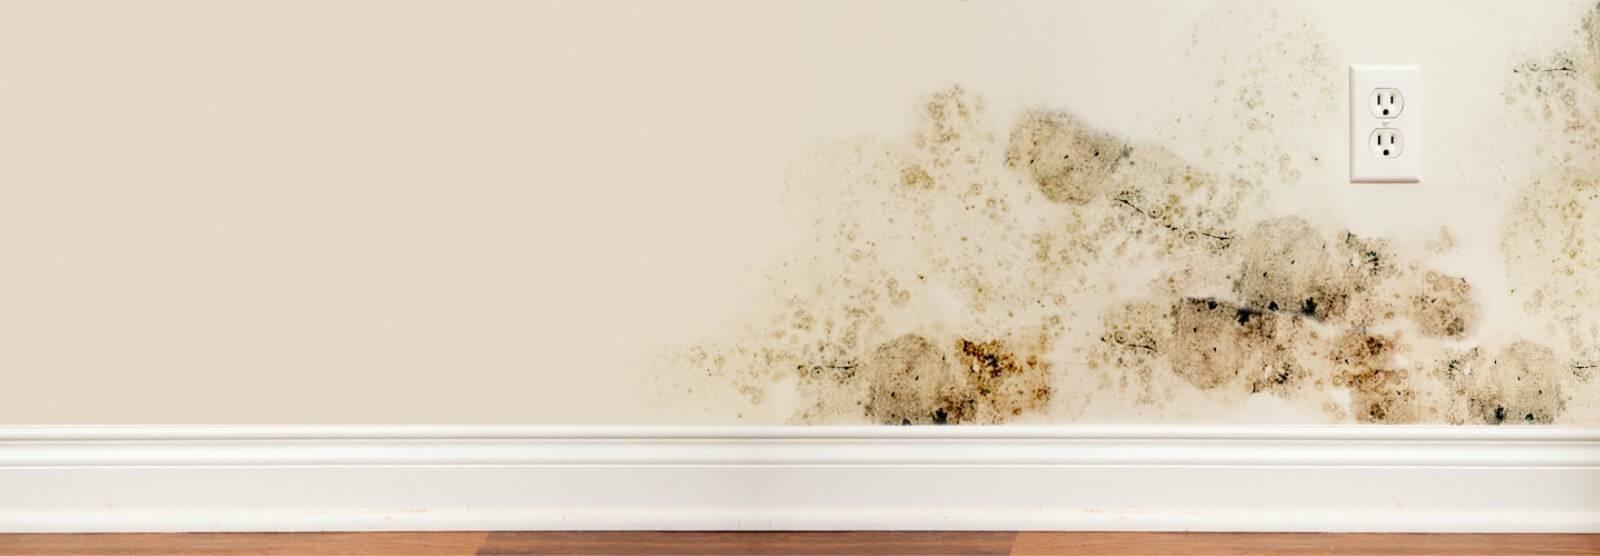 Como Tirar Mofo da Parede nas paredes extensas